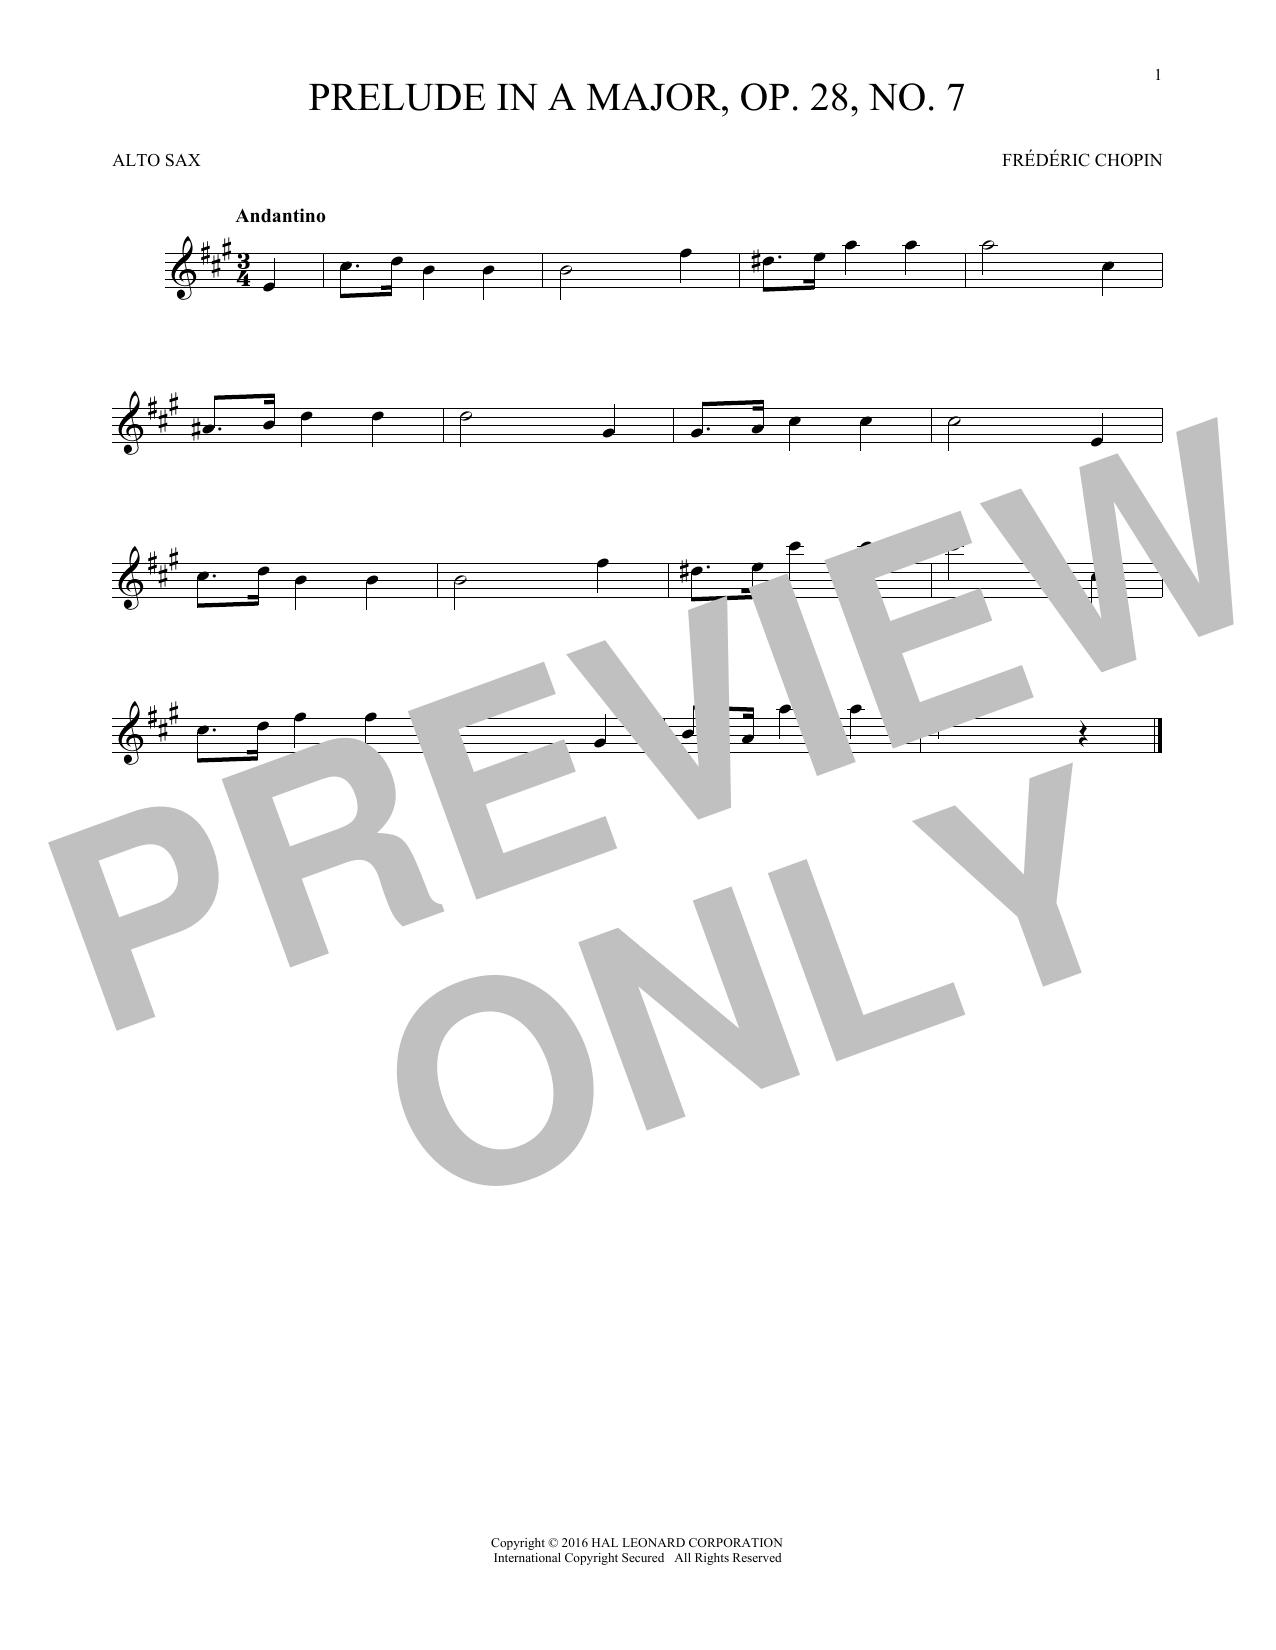 Prelude In A Major, Op. 28, No. 7 (Alto Sax Solo)